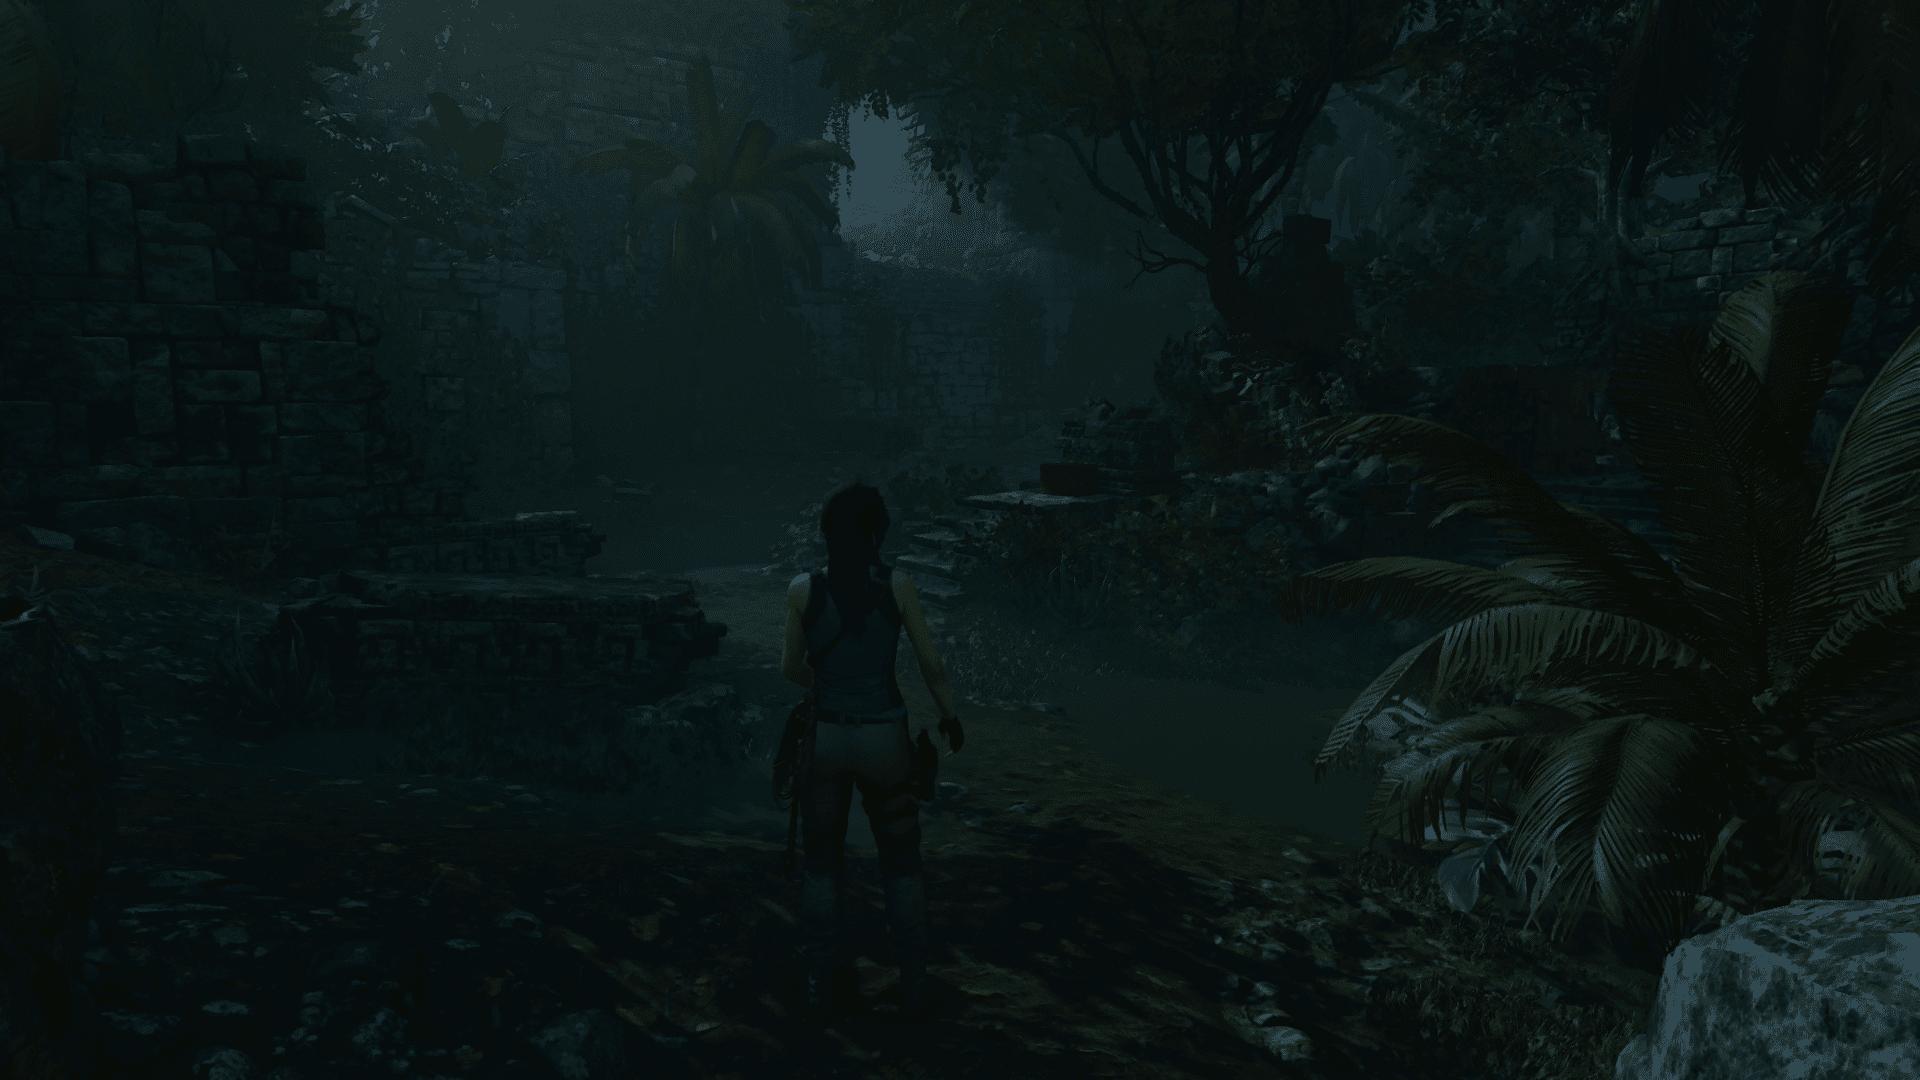 medio1 - Shadow of The Tomb Raider - Recensione come gira su PC